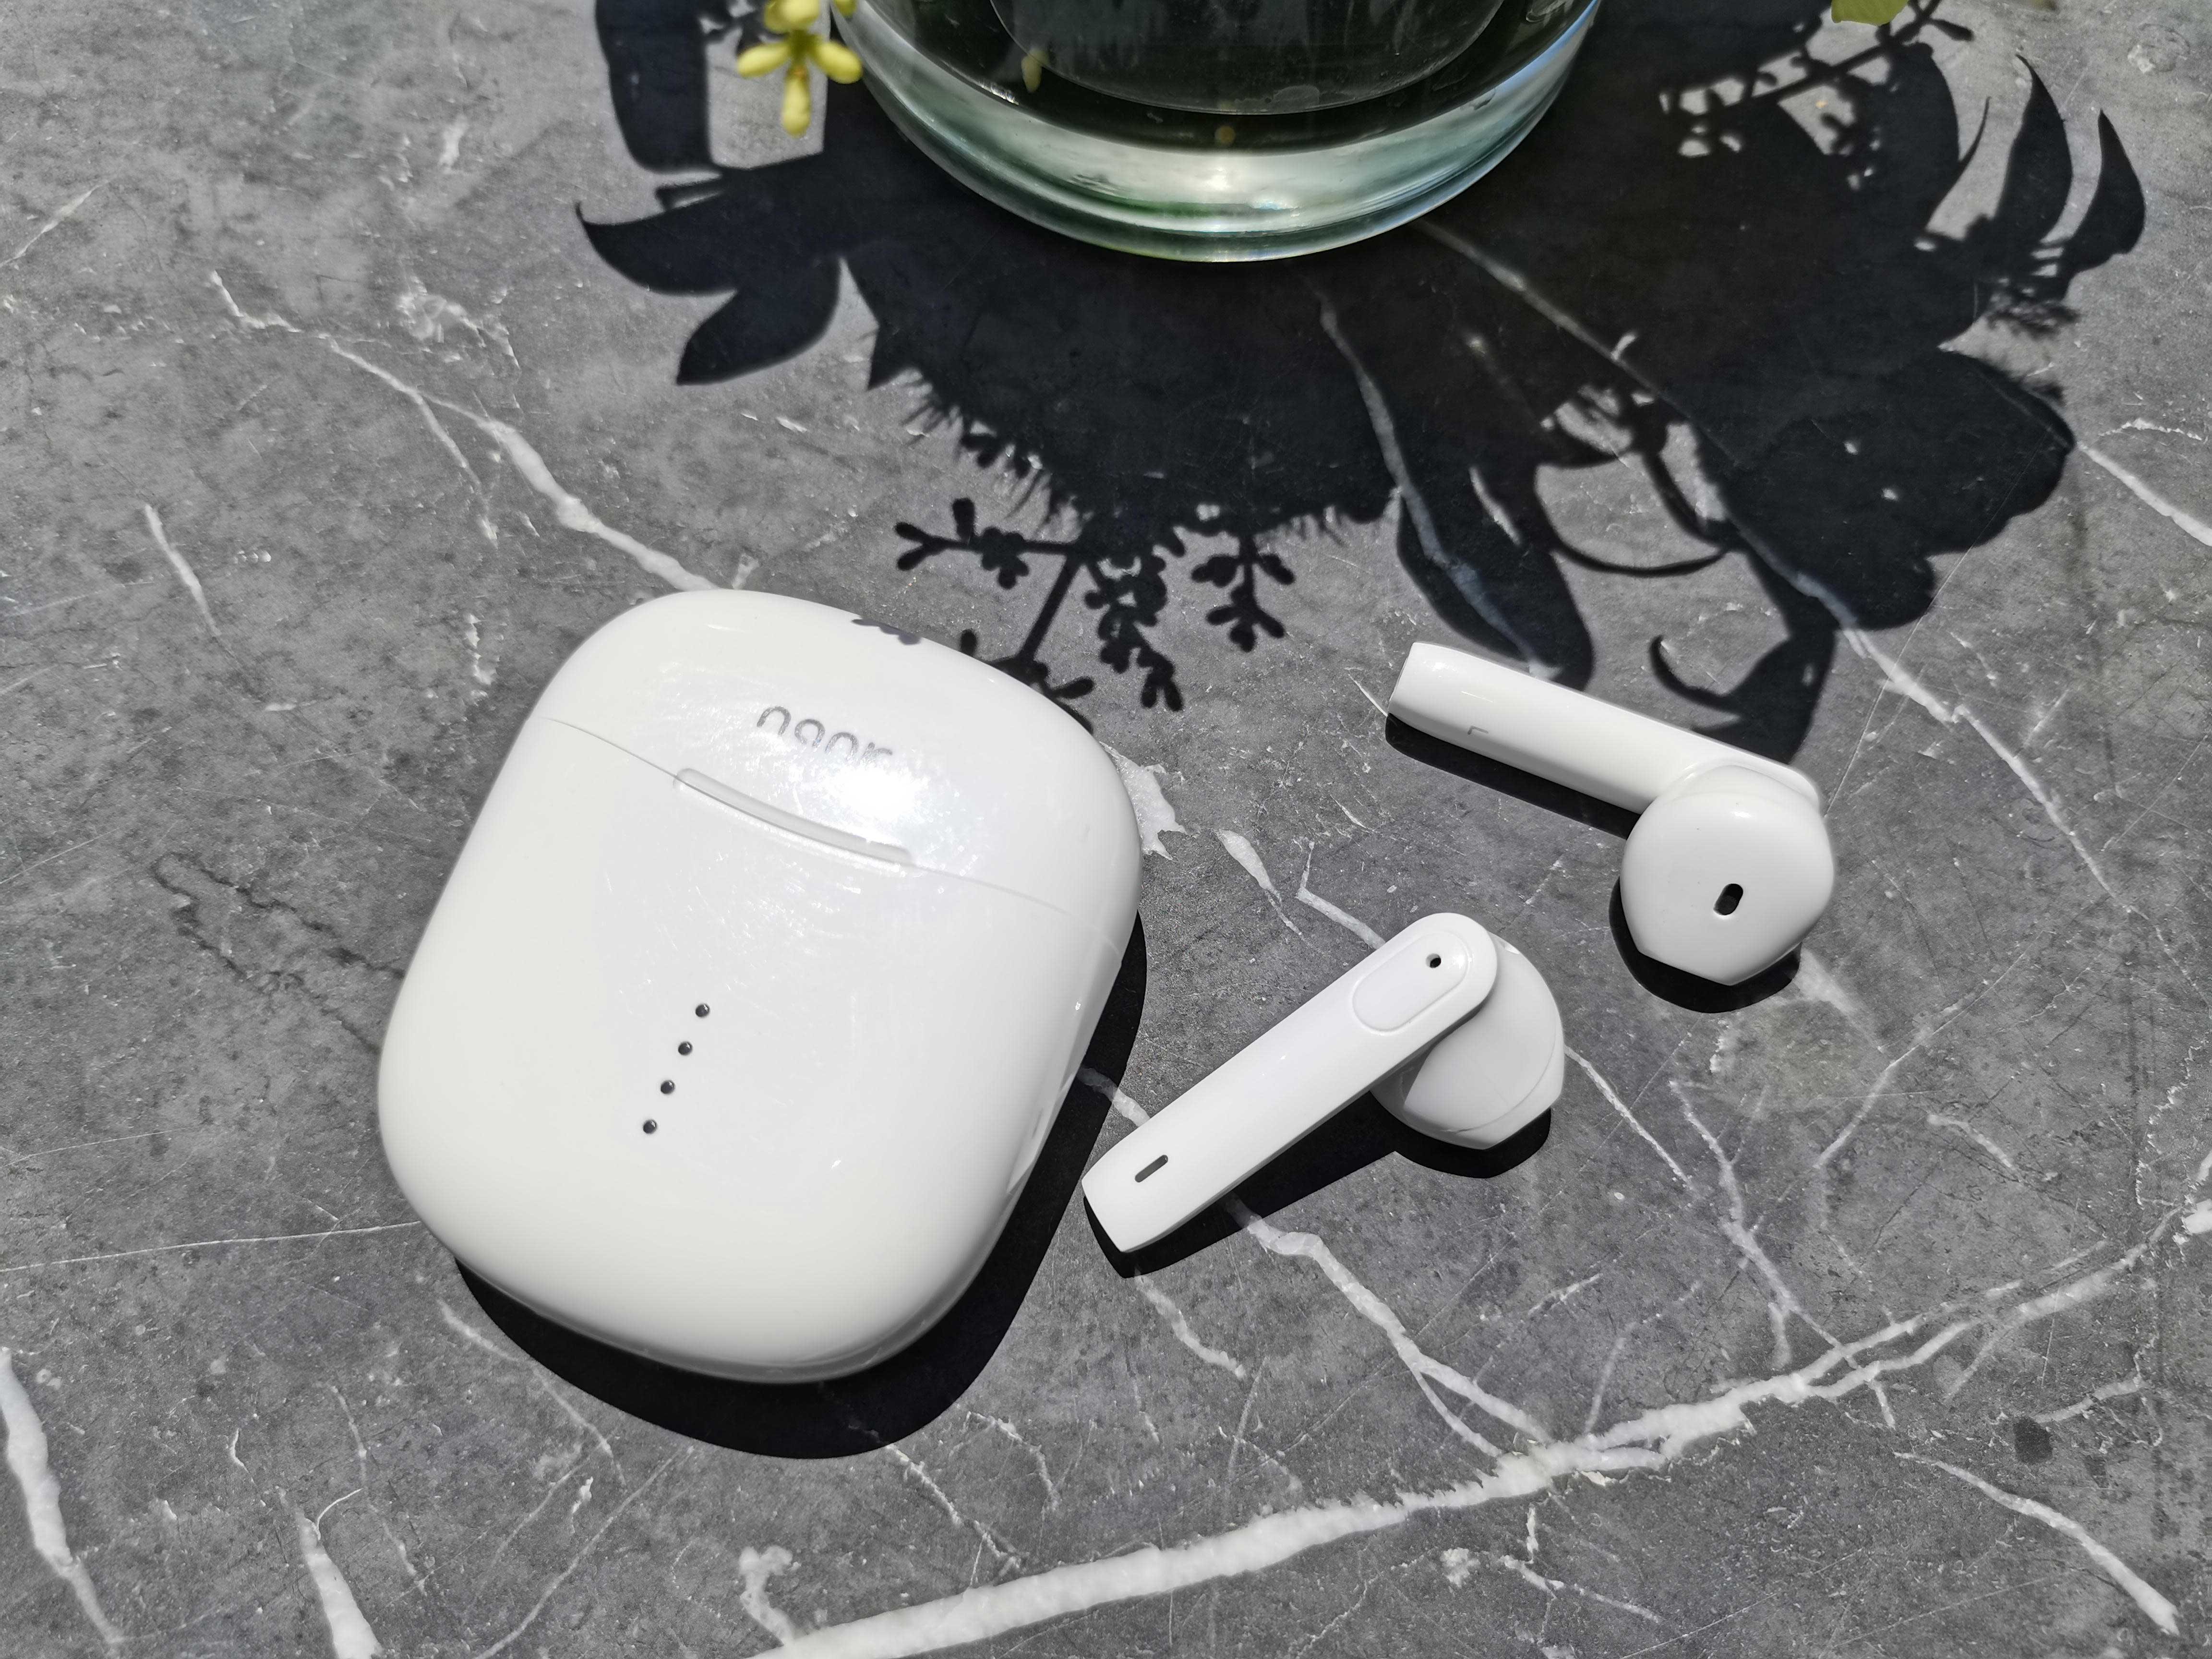 双十一值得入手的无线耳机推荐,盘点几款性价比高的...